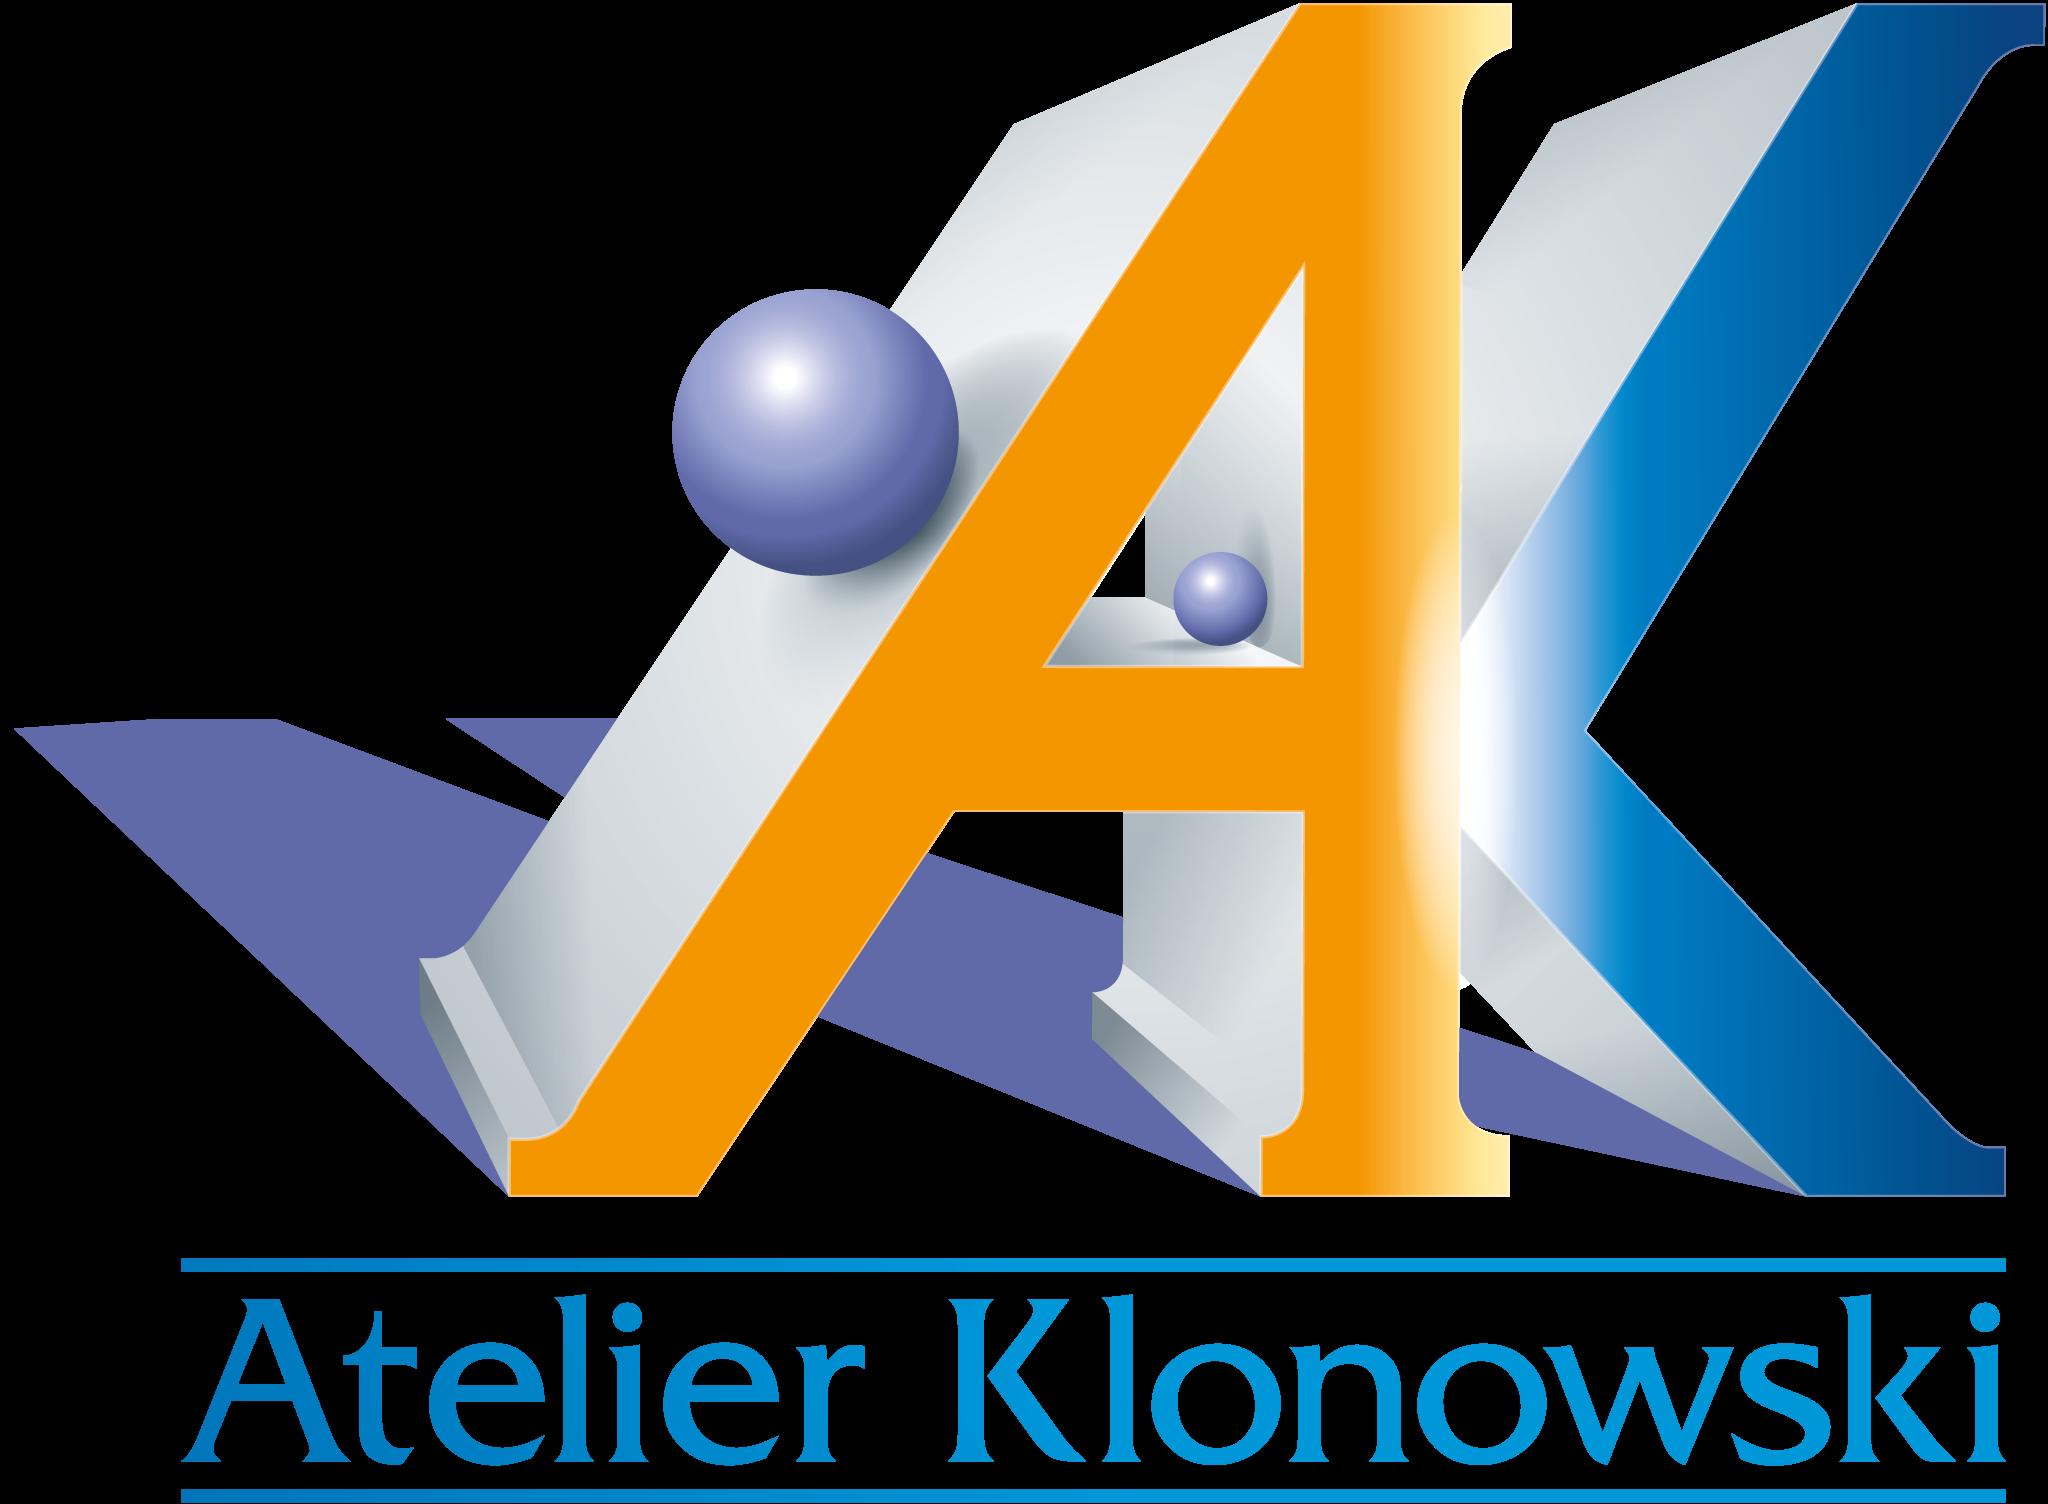 Atelier-Klonowski